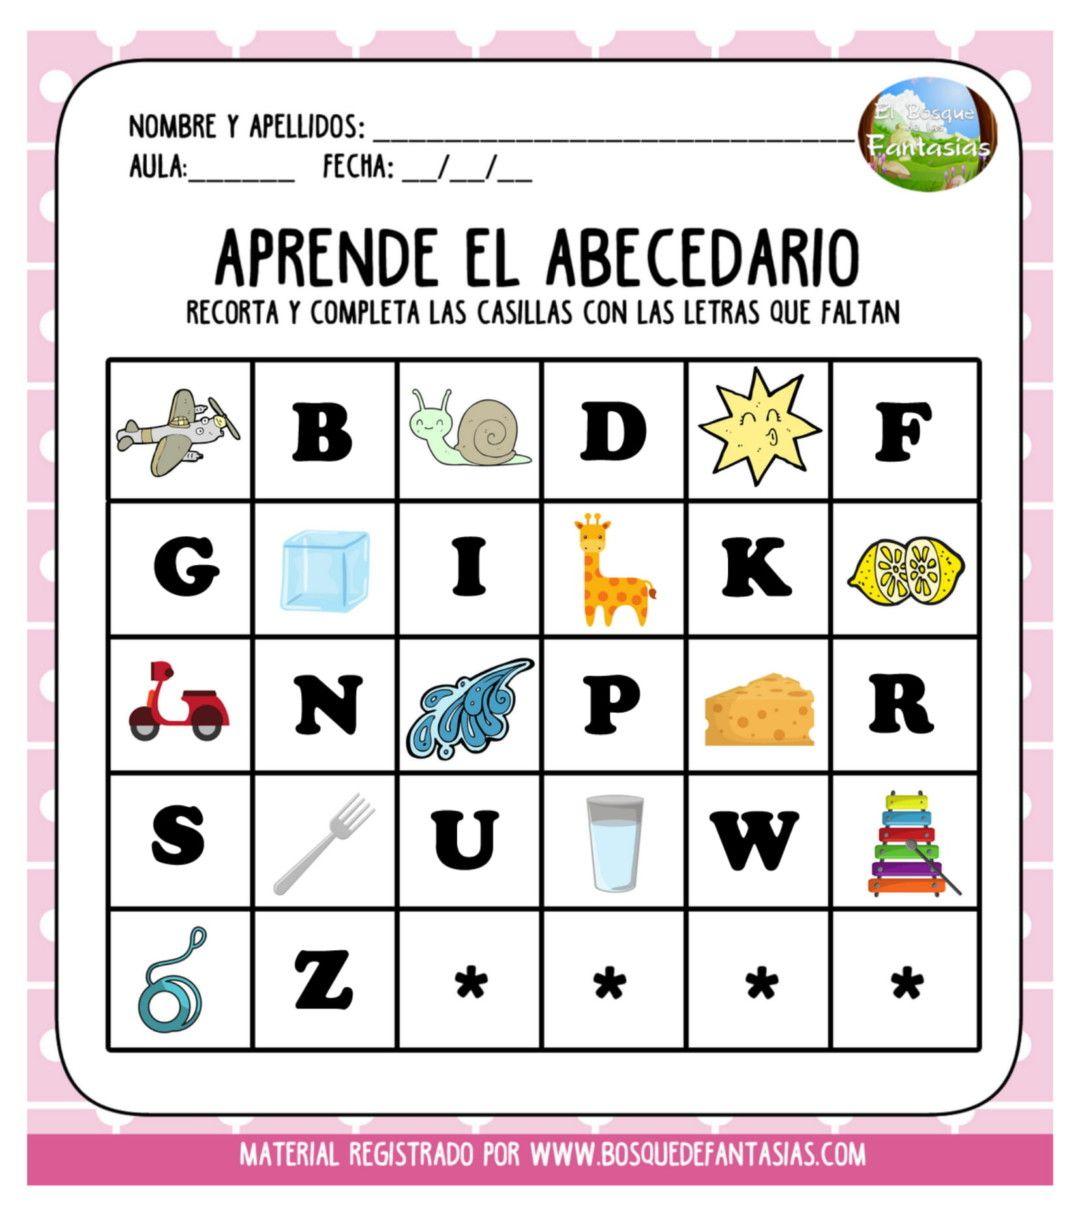 Fichas Recortables Para Aprender El Abecedario Para Infantil